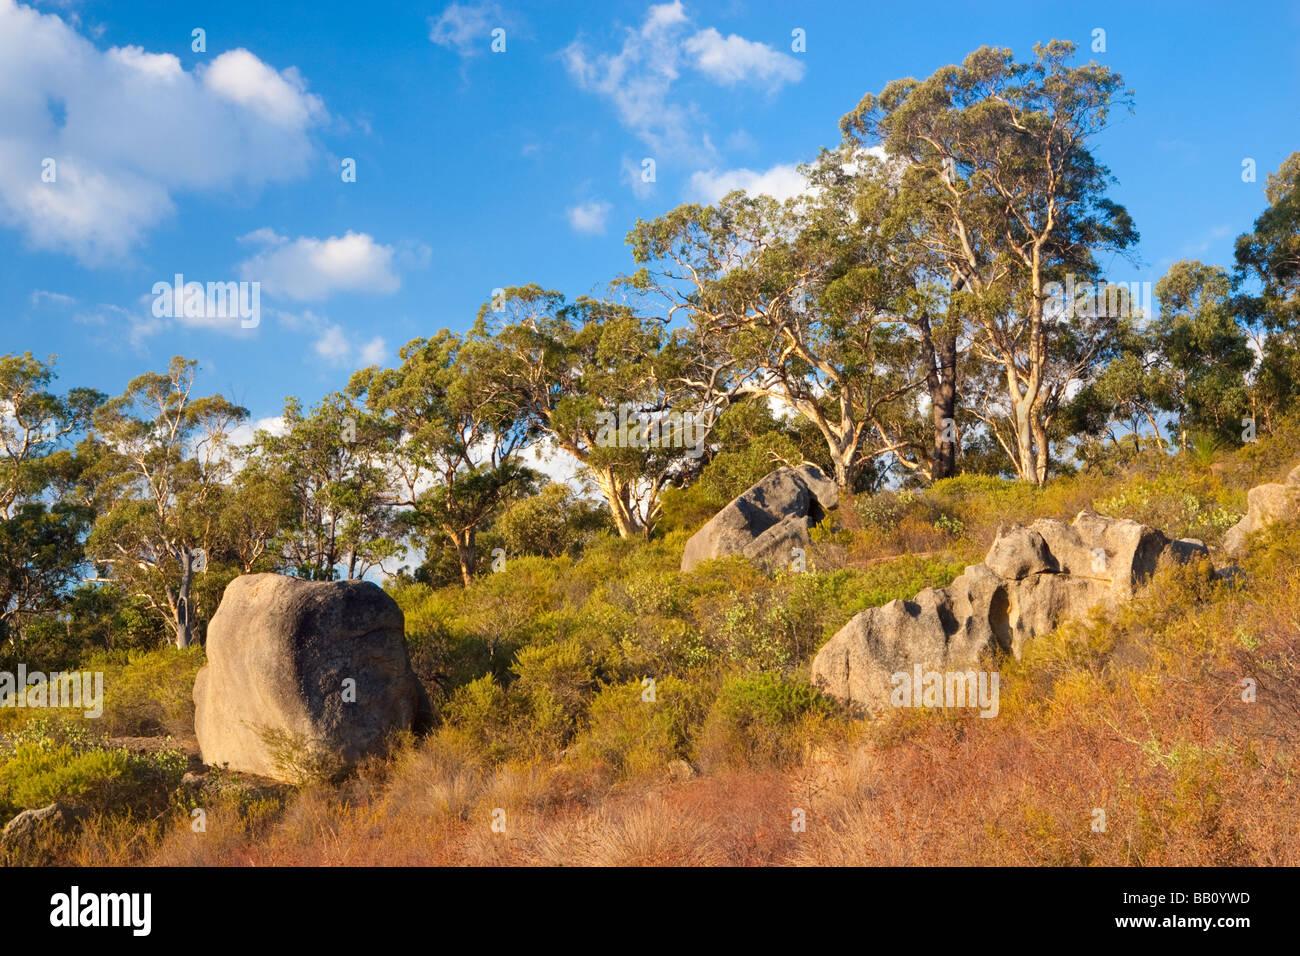 Eucaliptos y arbustos crecen en los escarpes de granito del Parque Nacional John Forrest. Perth, Australia Occidental Imagen De Stock